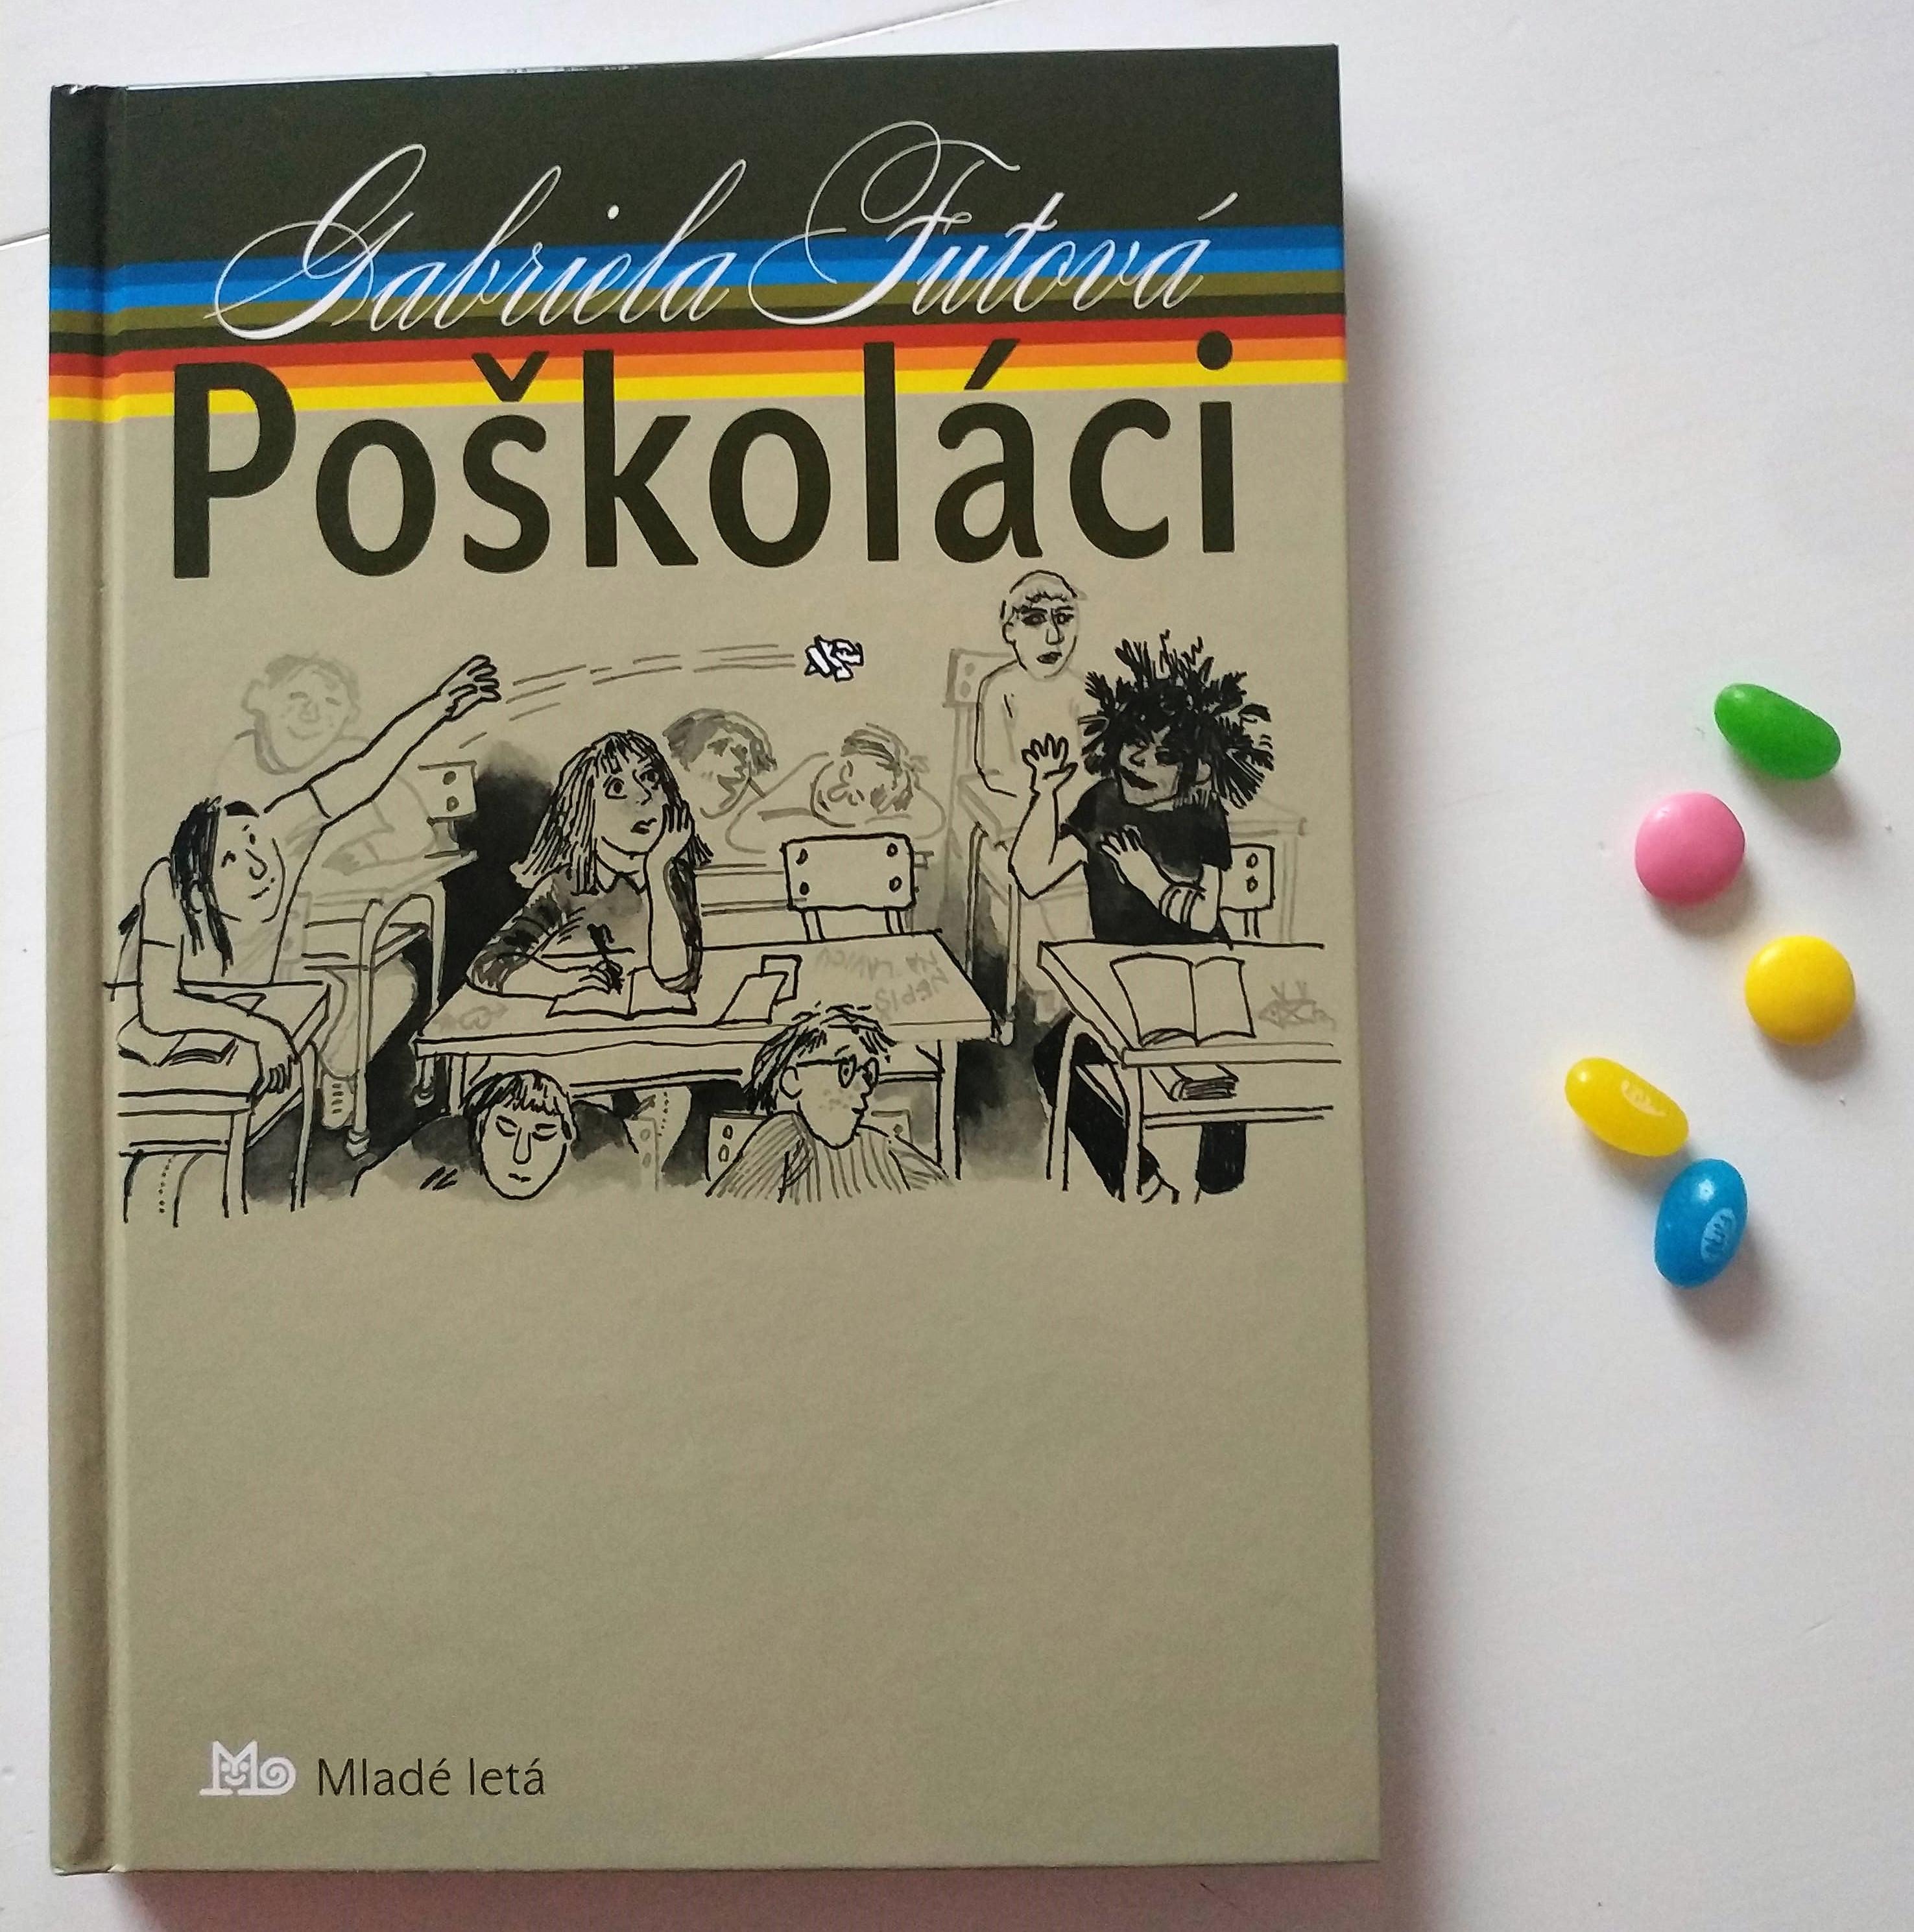 Gabriela Futová: poškoláci – recenzia knižky pre dievčatá 9+ (rokov)